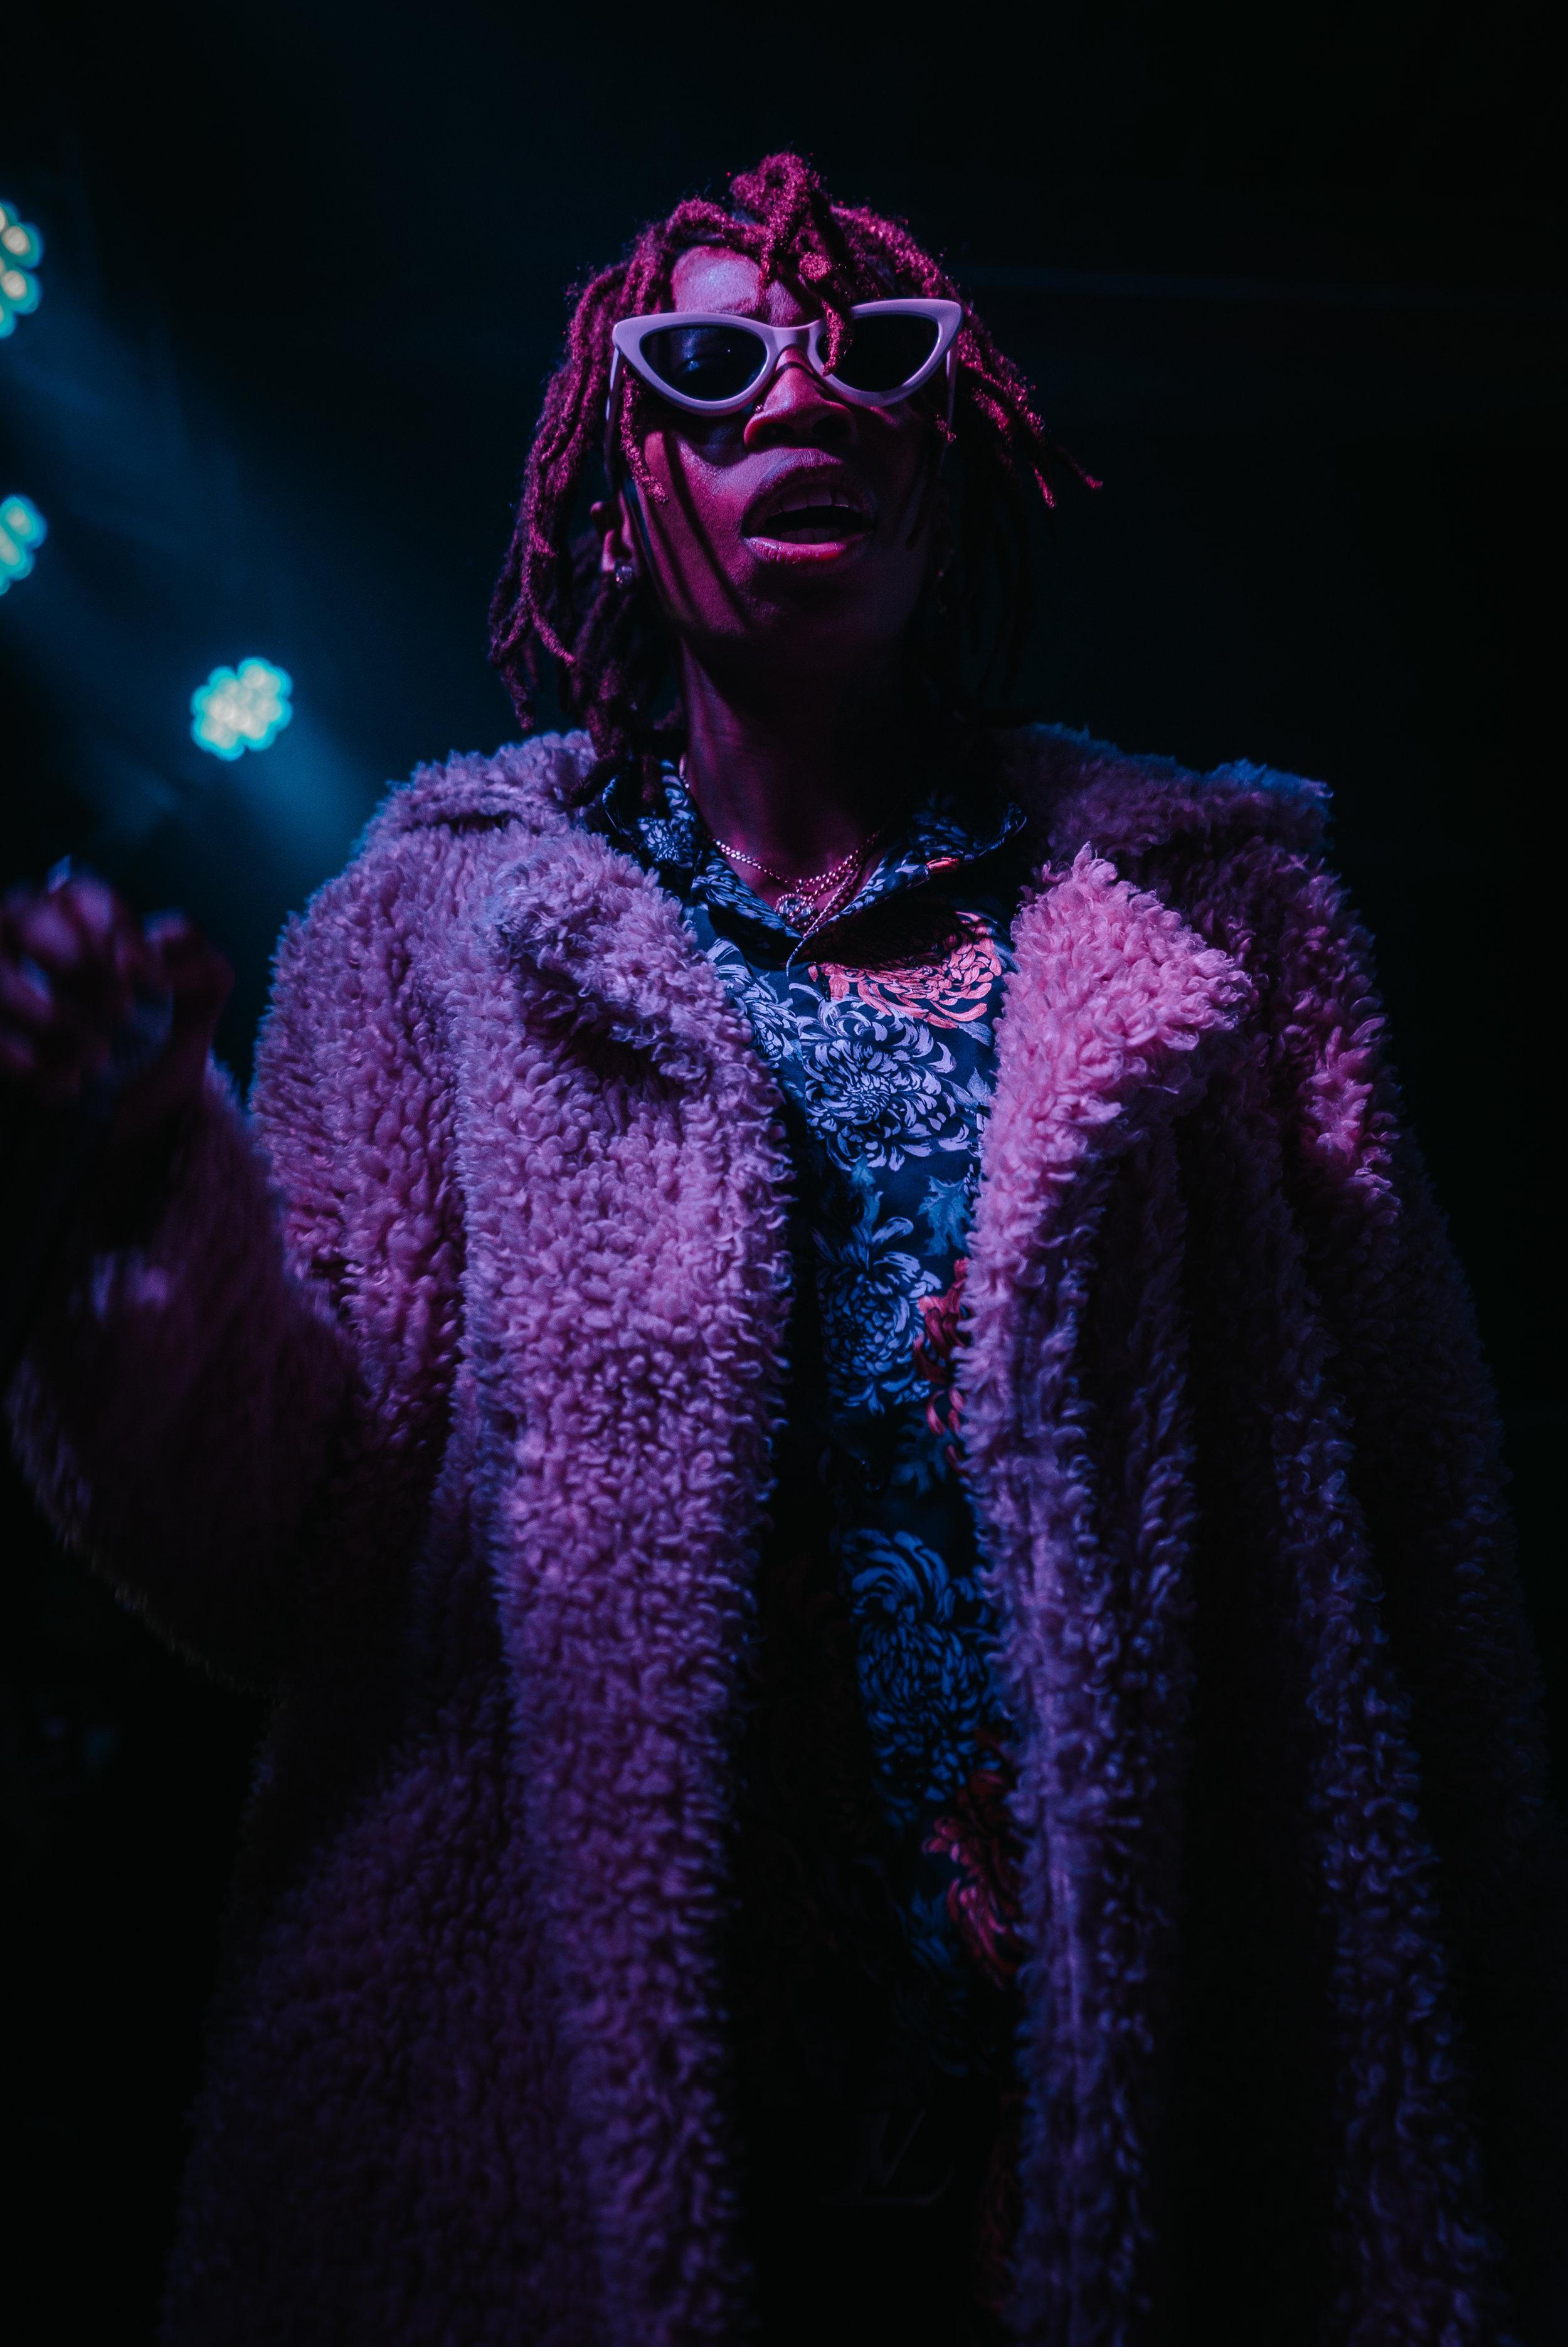 snowsa on stage